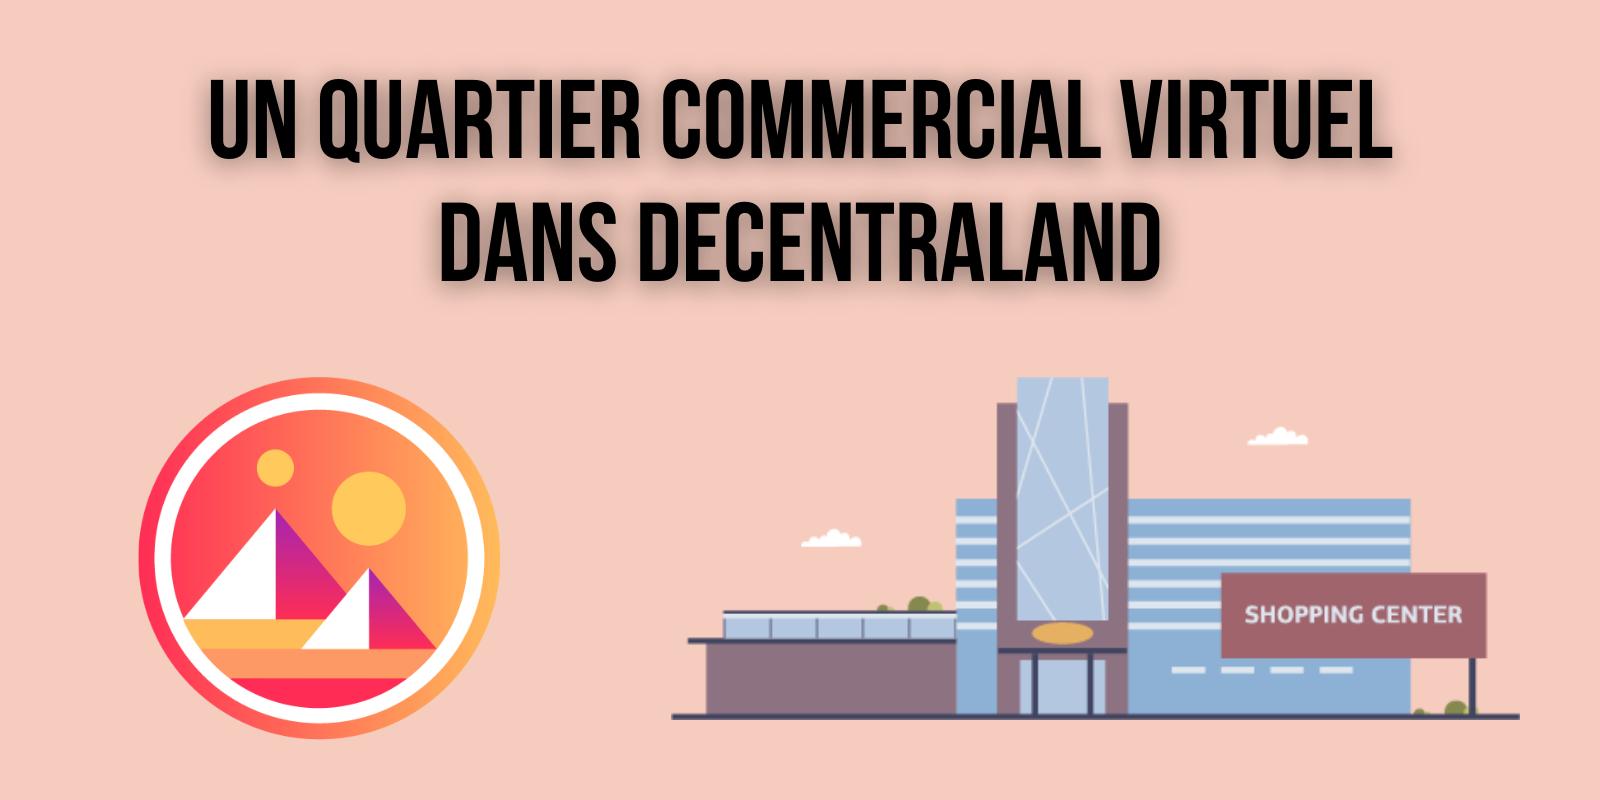 Le terrain vendu 913 000 dollars sur Decentraland (MANA) devient un quartier commercial virtuel